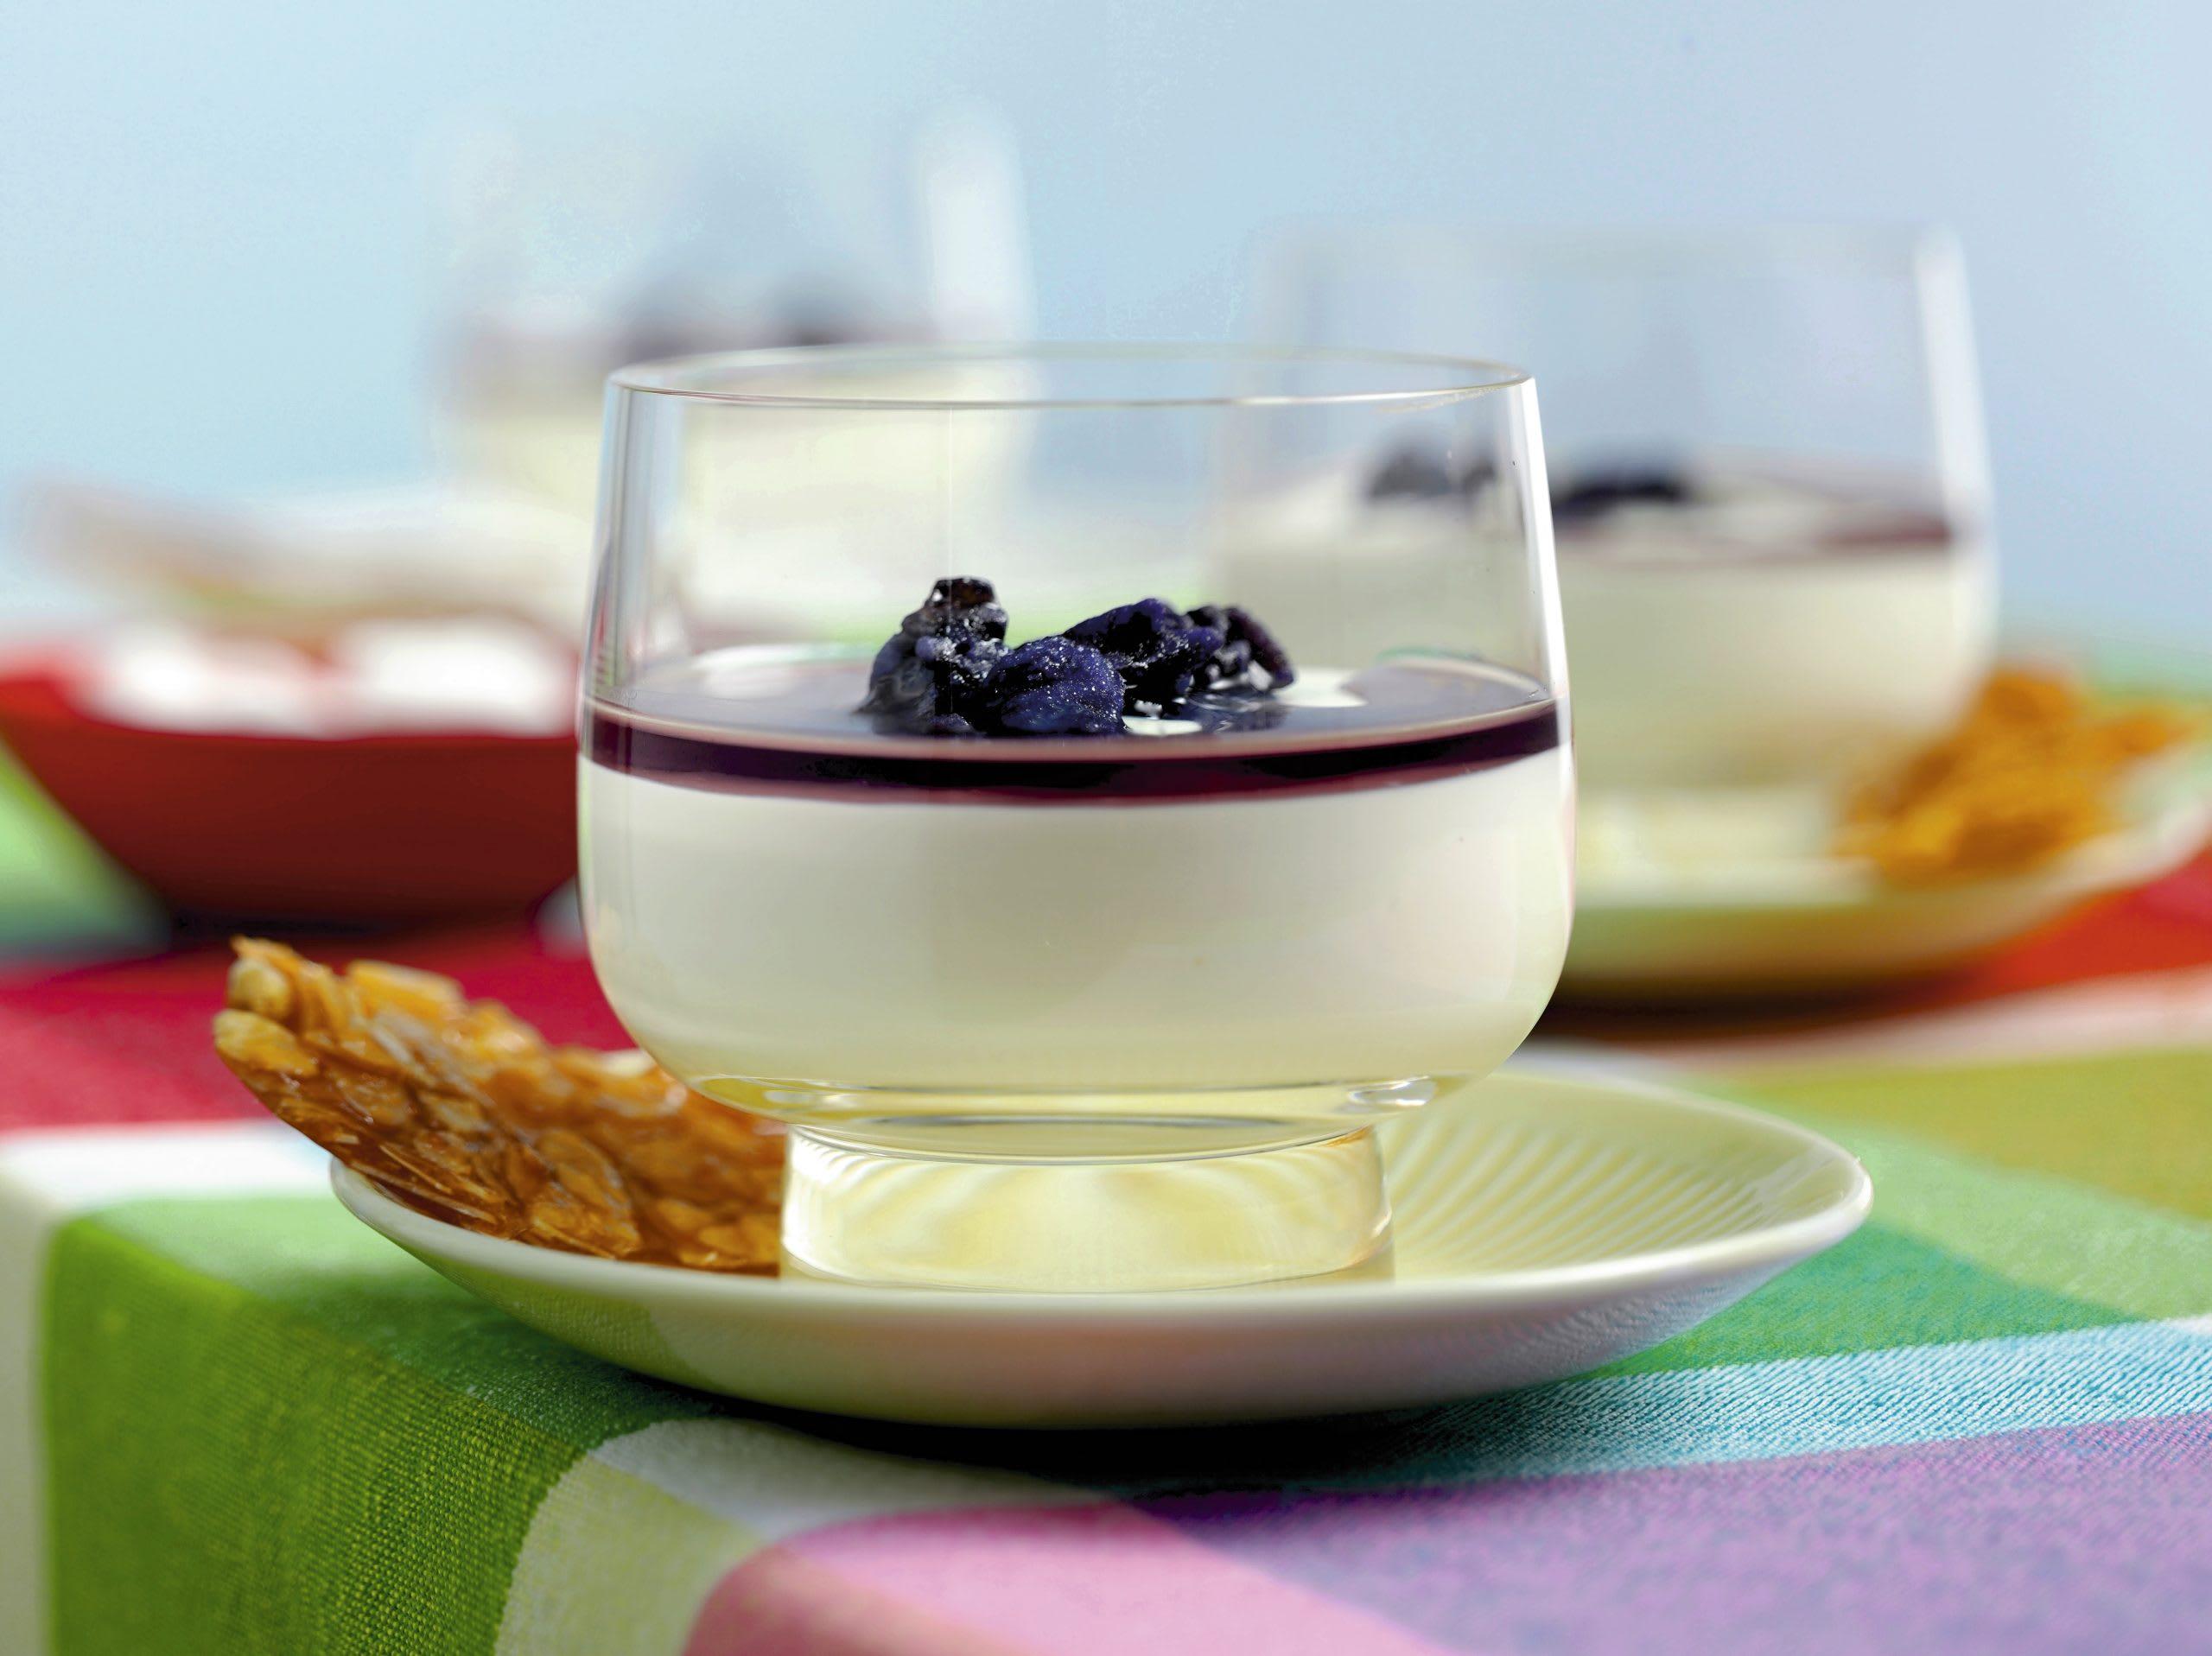 Blancs-mangers au sirop de violette